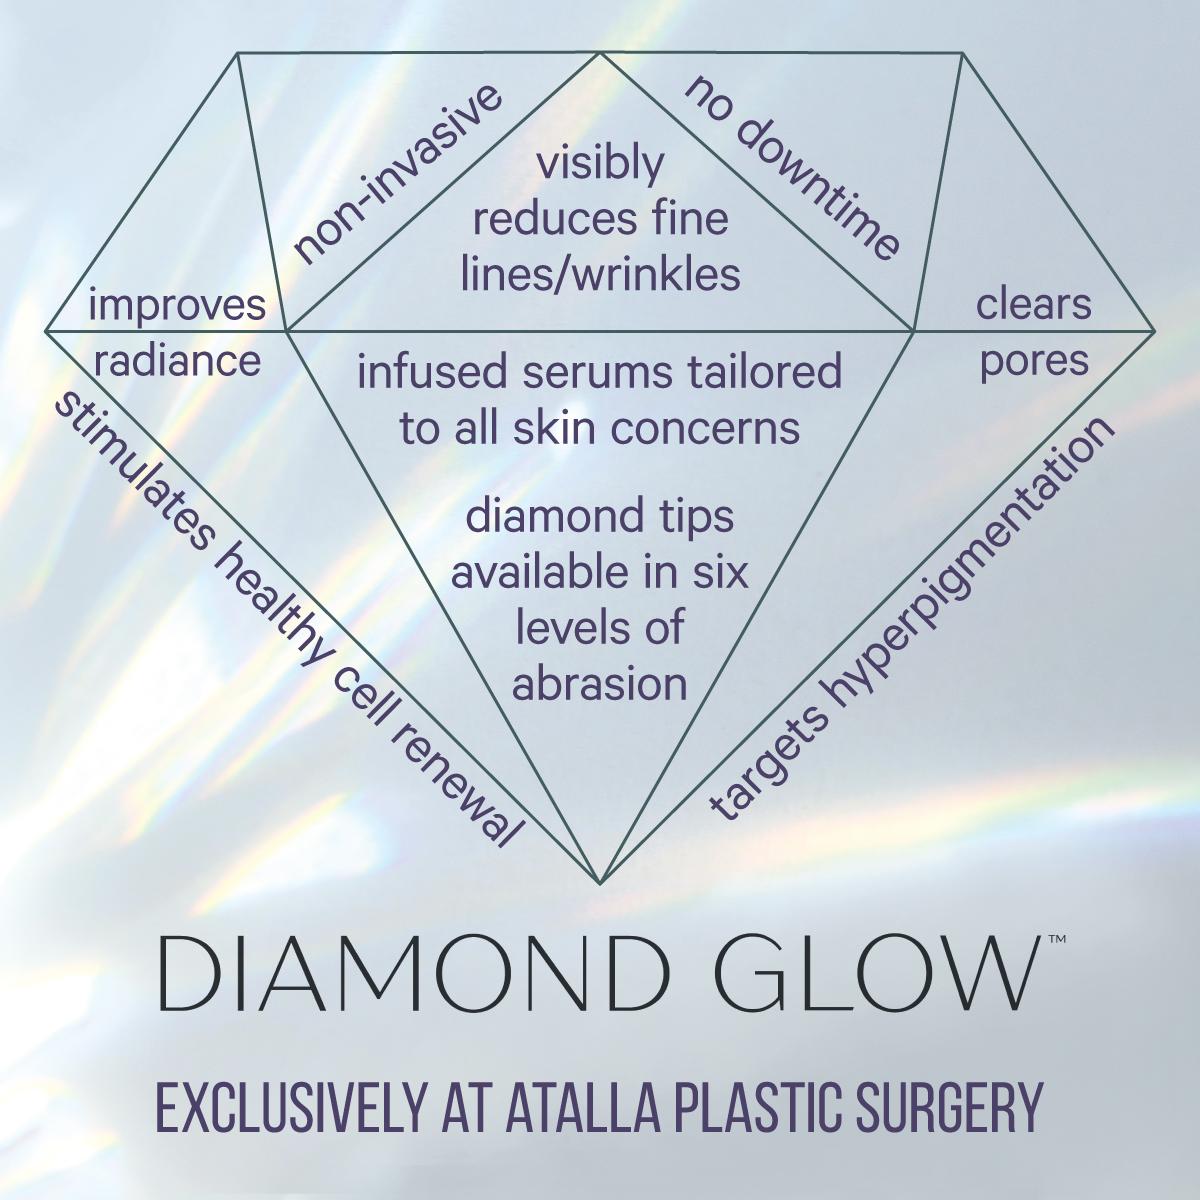 diamond glow infographic